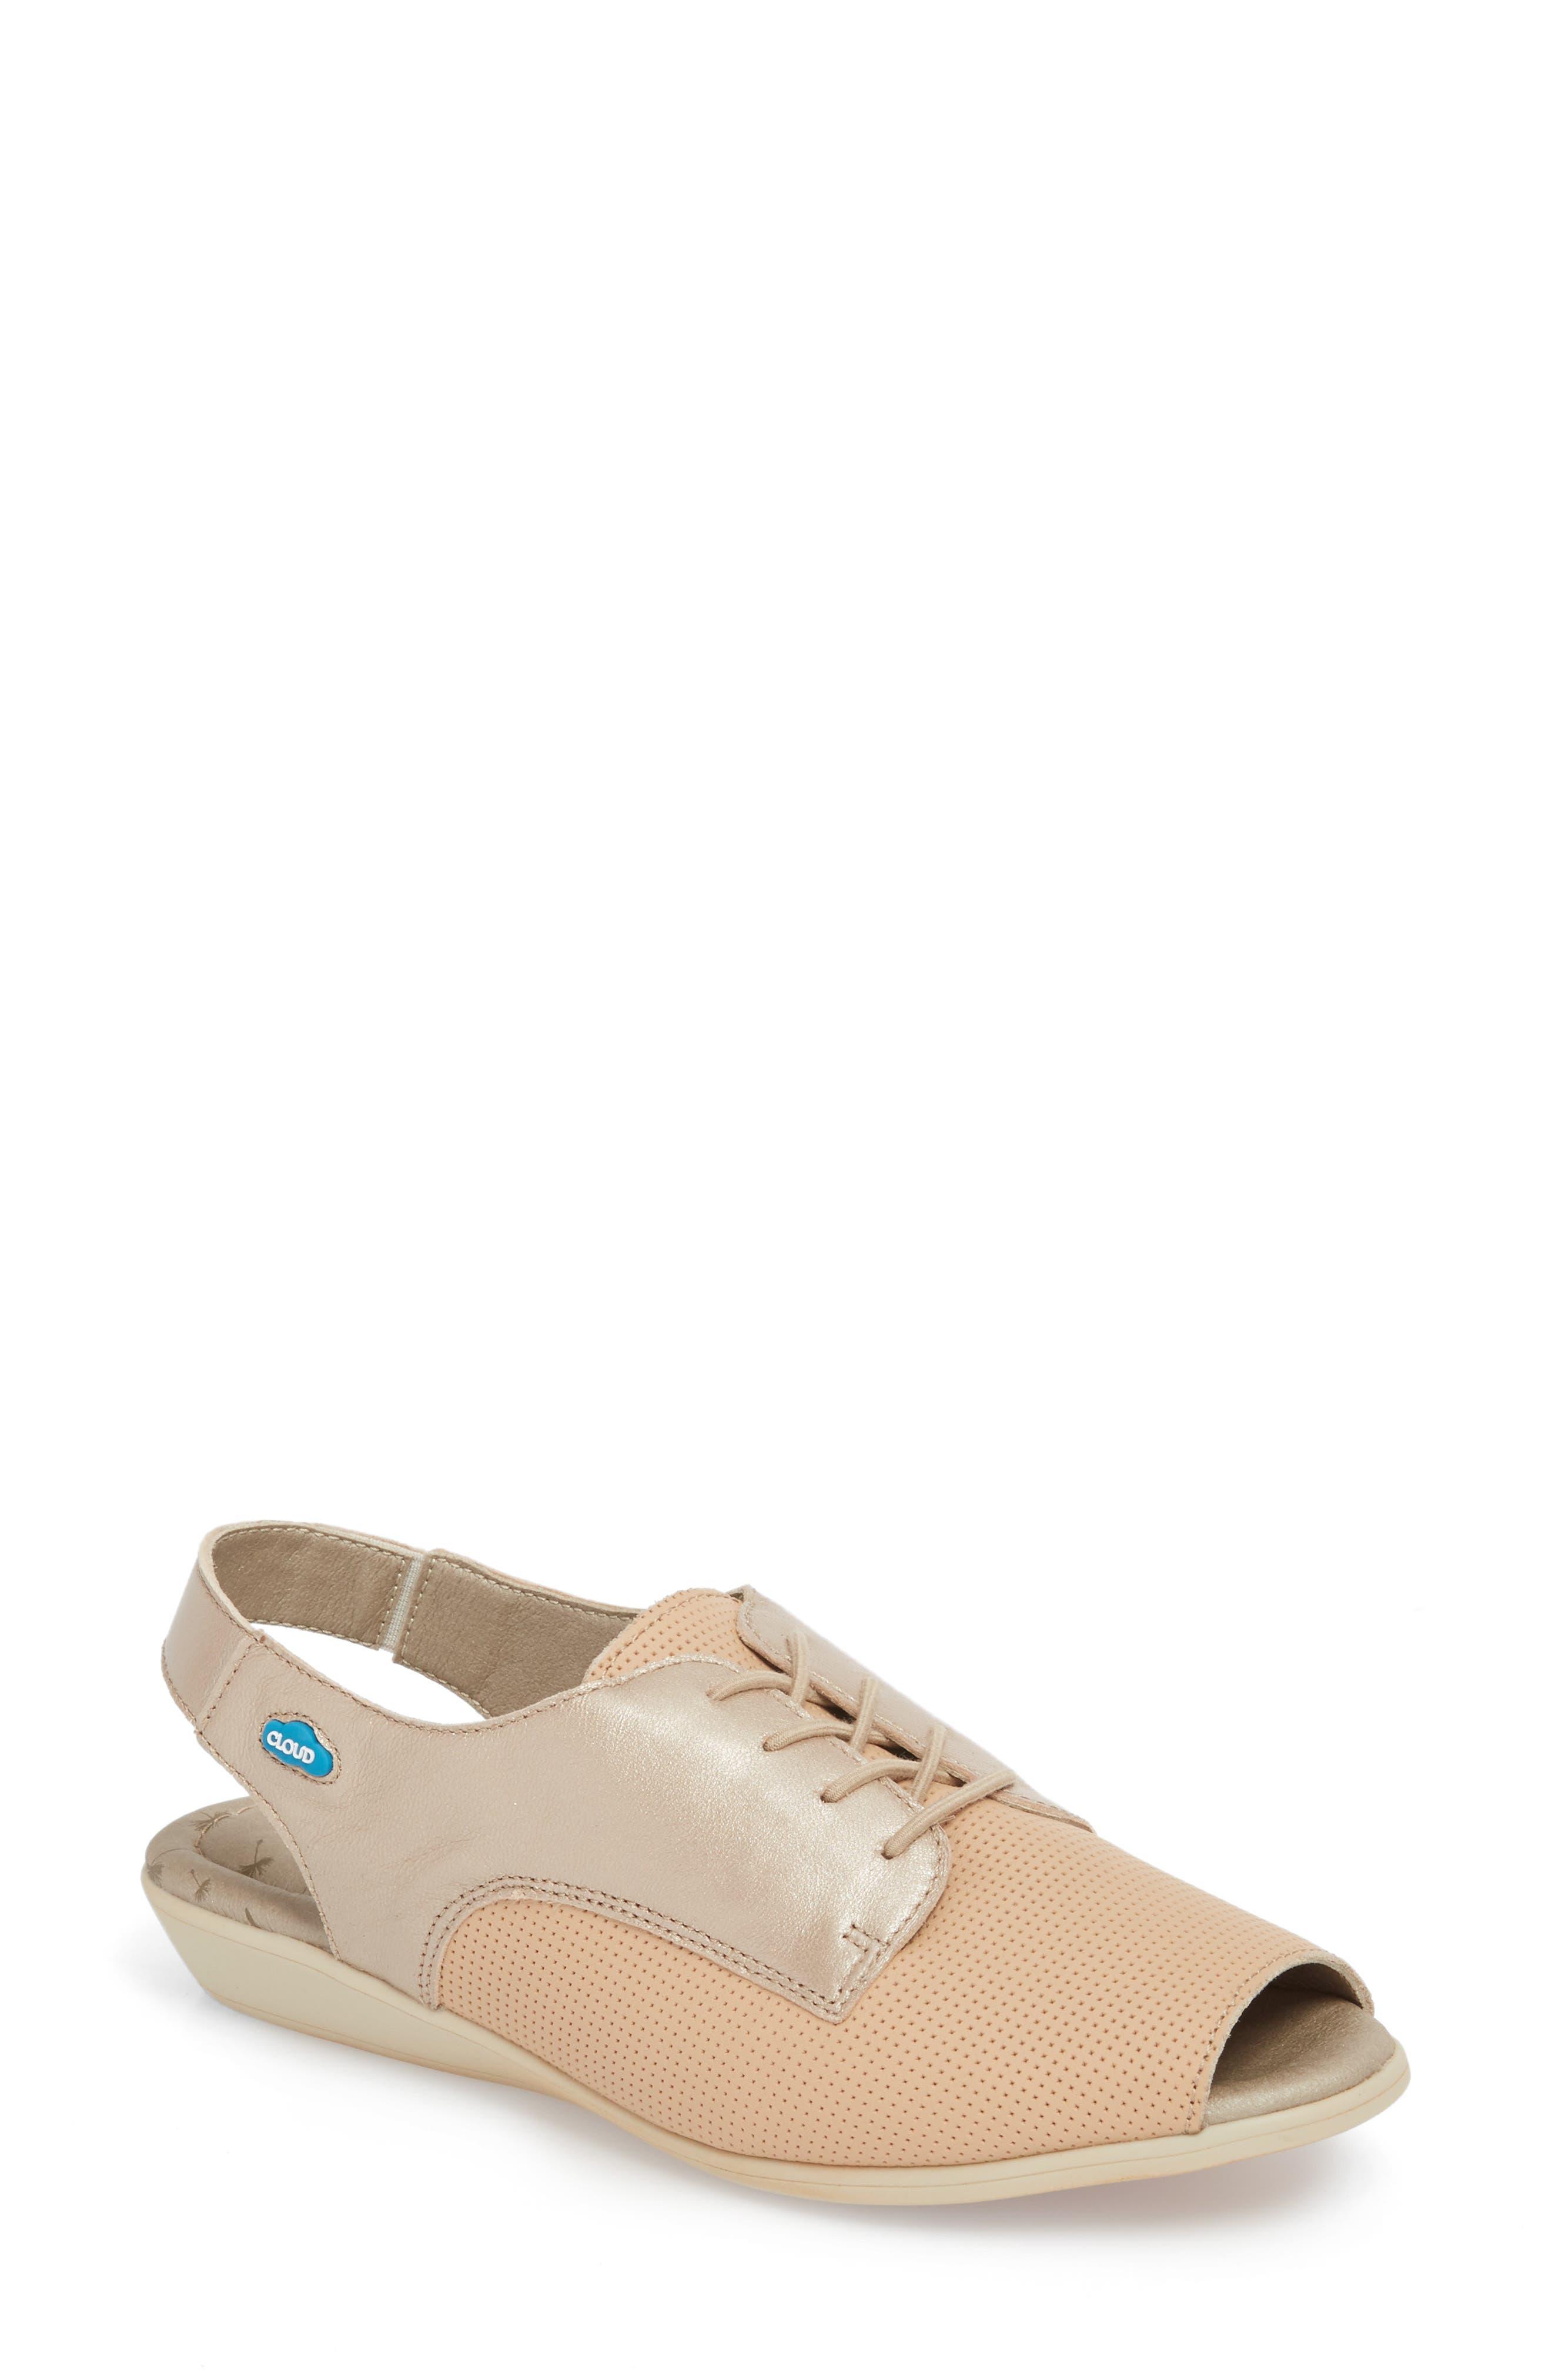 Cleone Slingback Sandal,                         Main,                         color, Puima Sabbia Leather